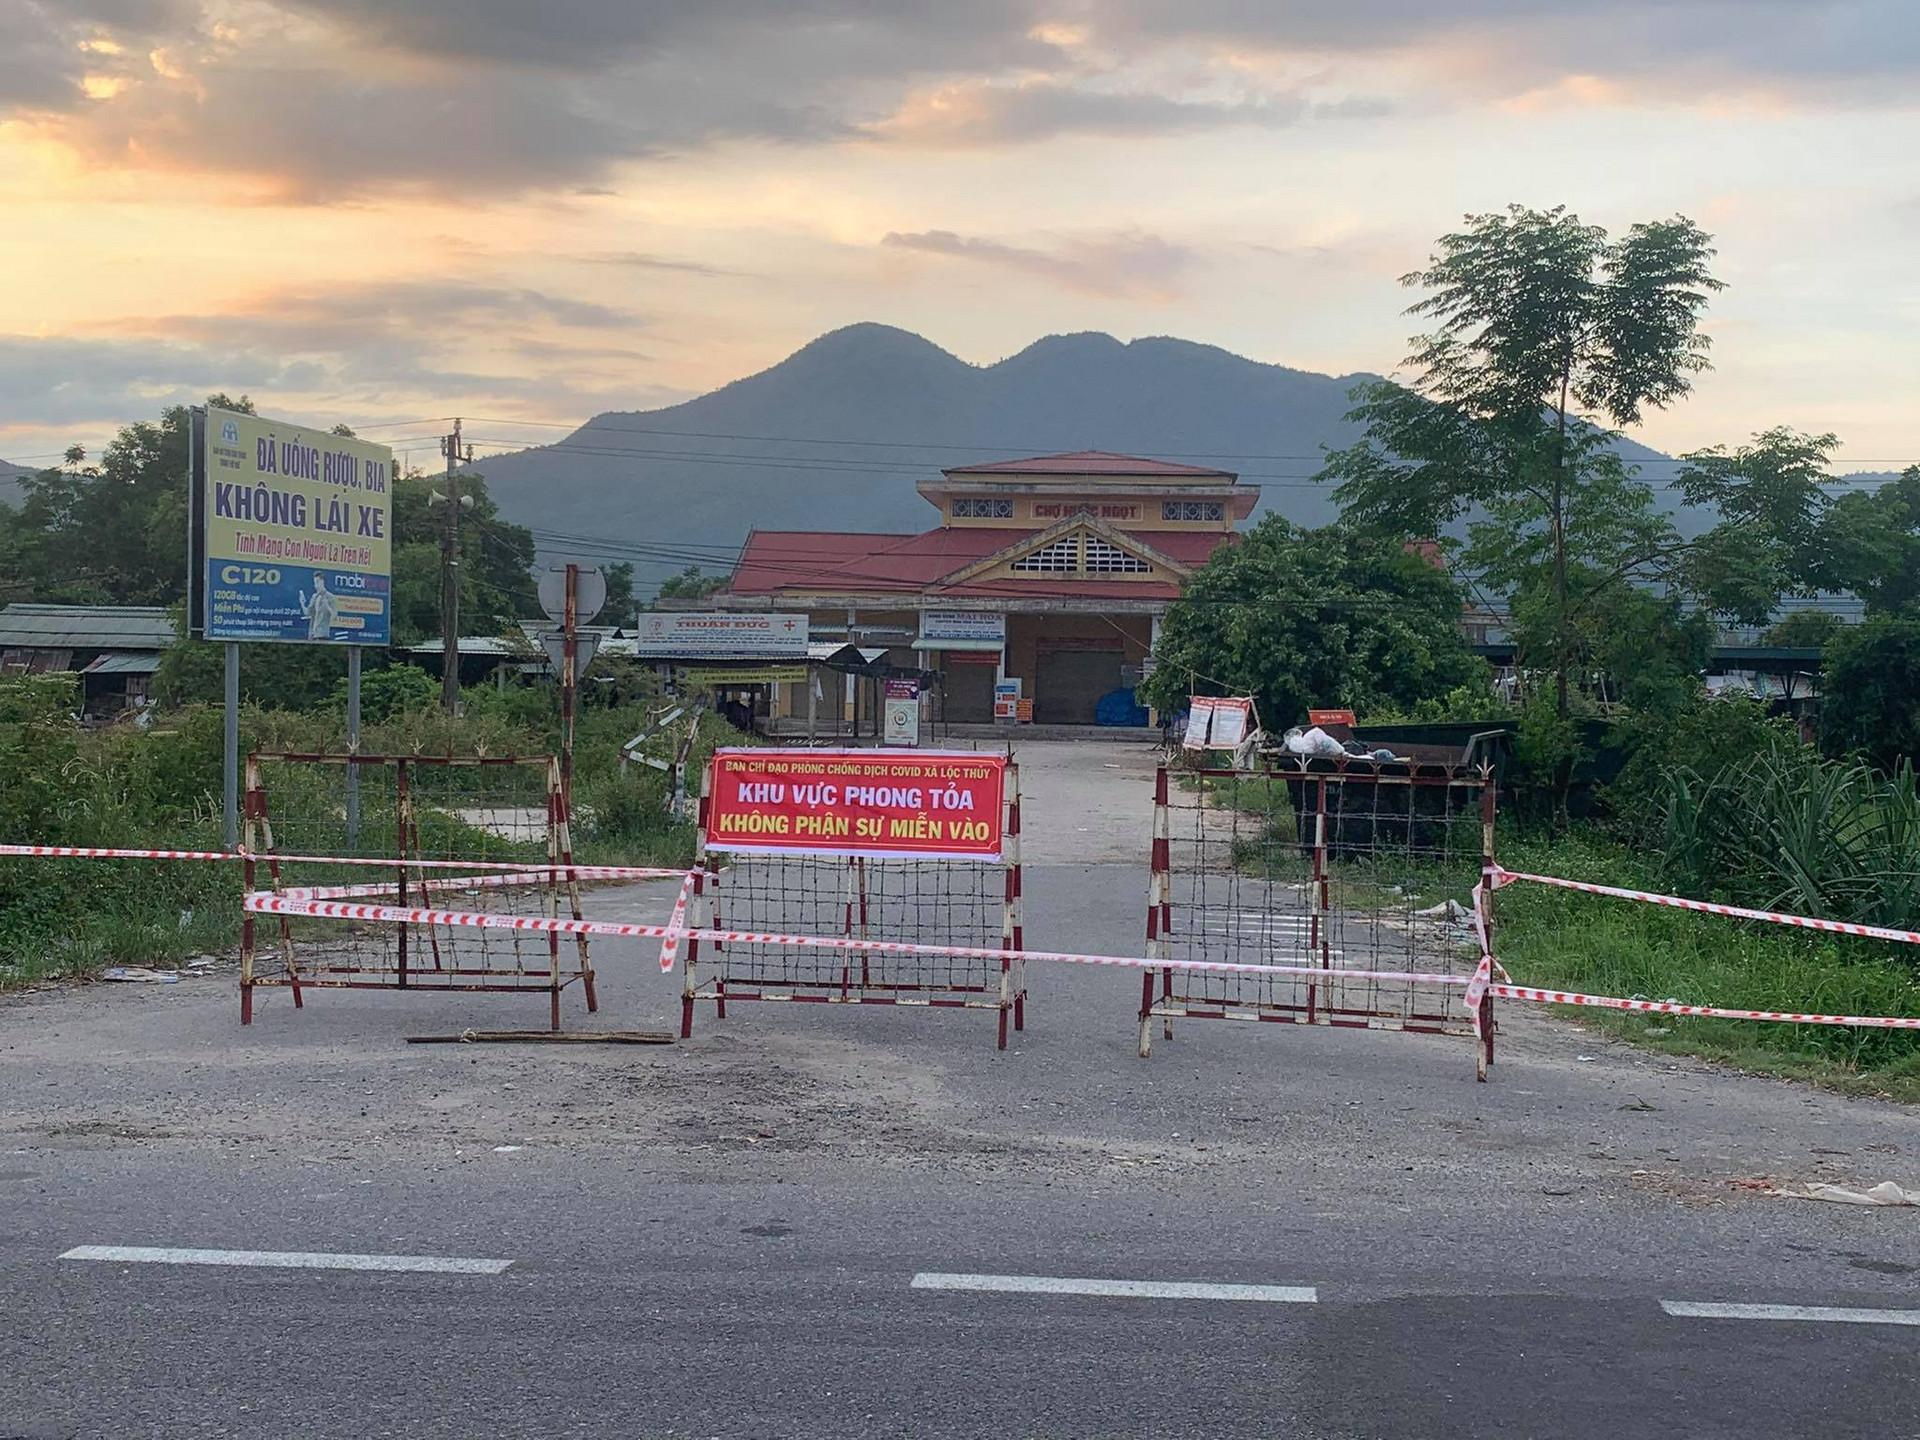 Tài xế khai báo gian dối, gây lây lan dịch bệnh ở Thừa Thiên- Huế - 1